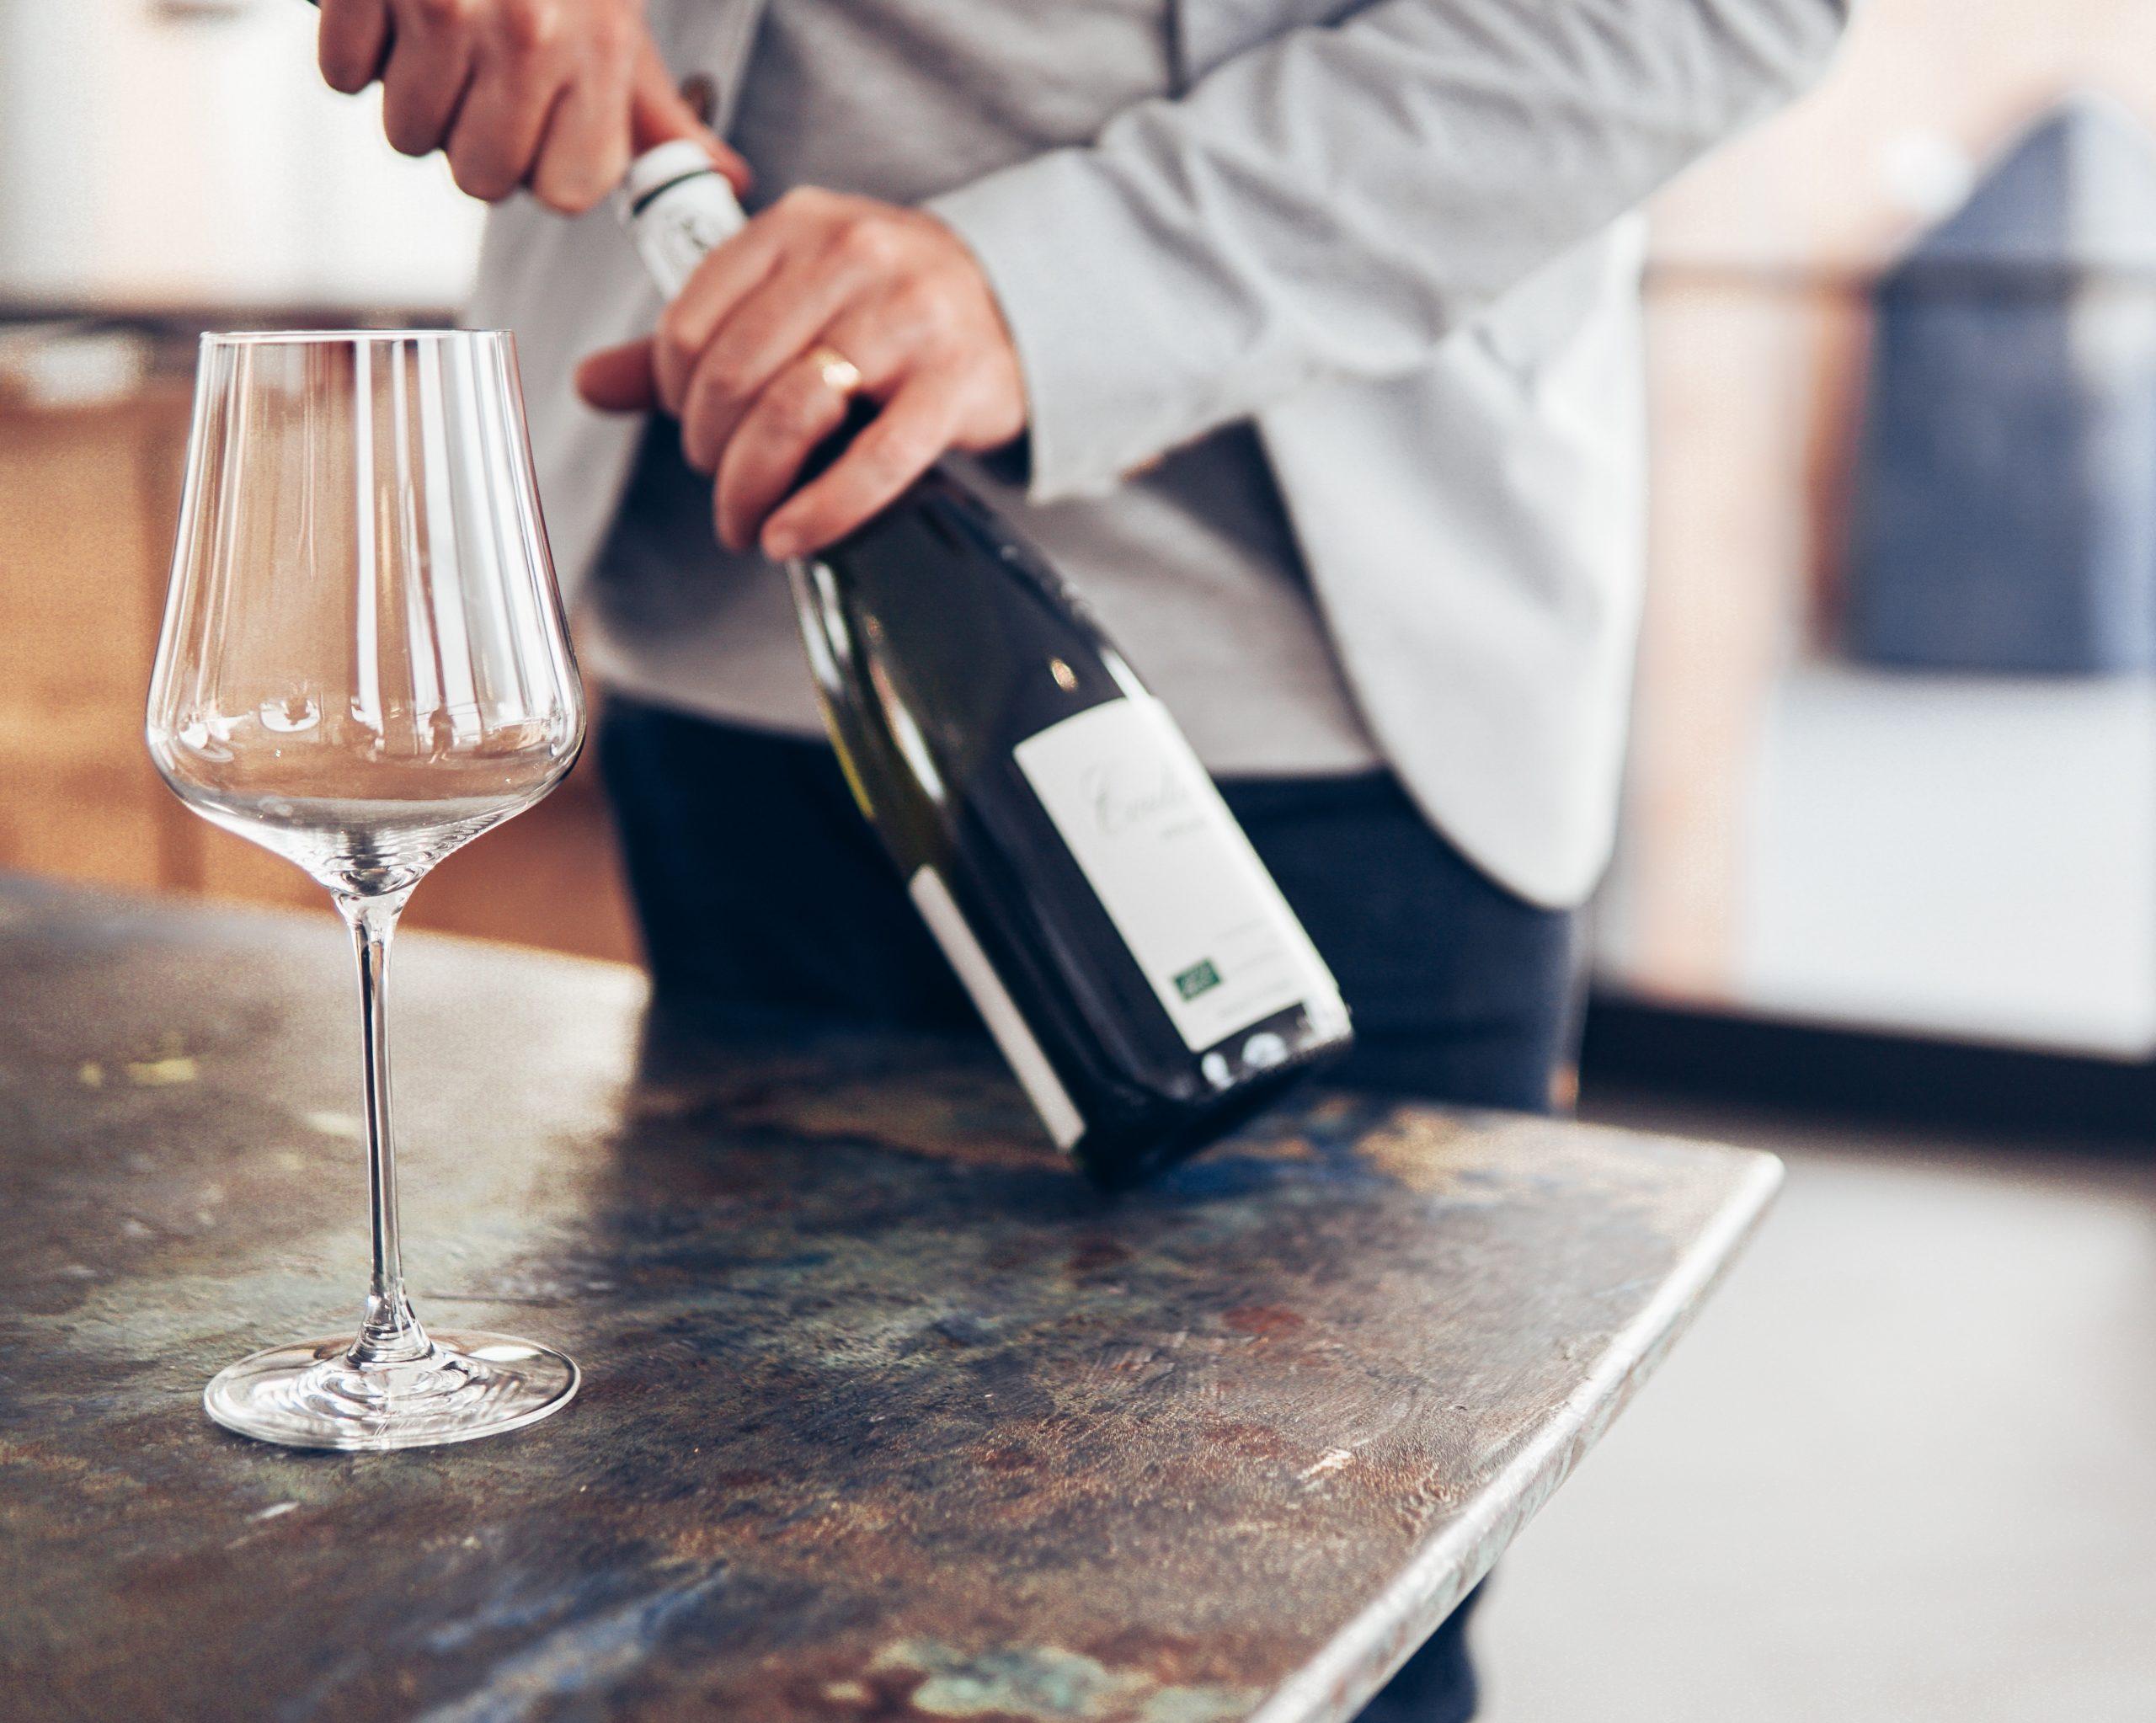 Les meilleurs accessoires pour conserver le vin